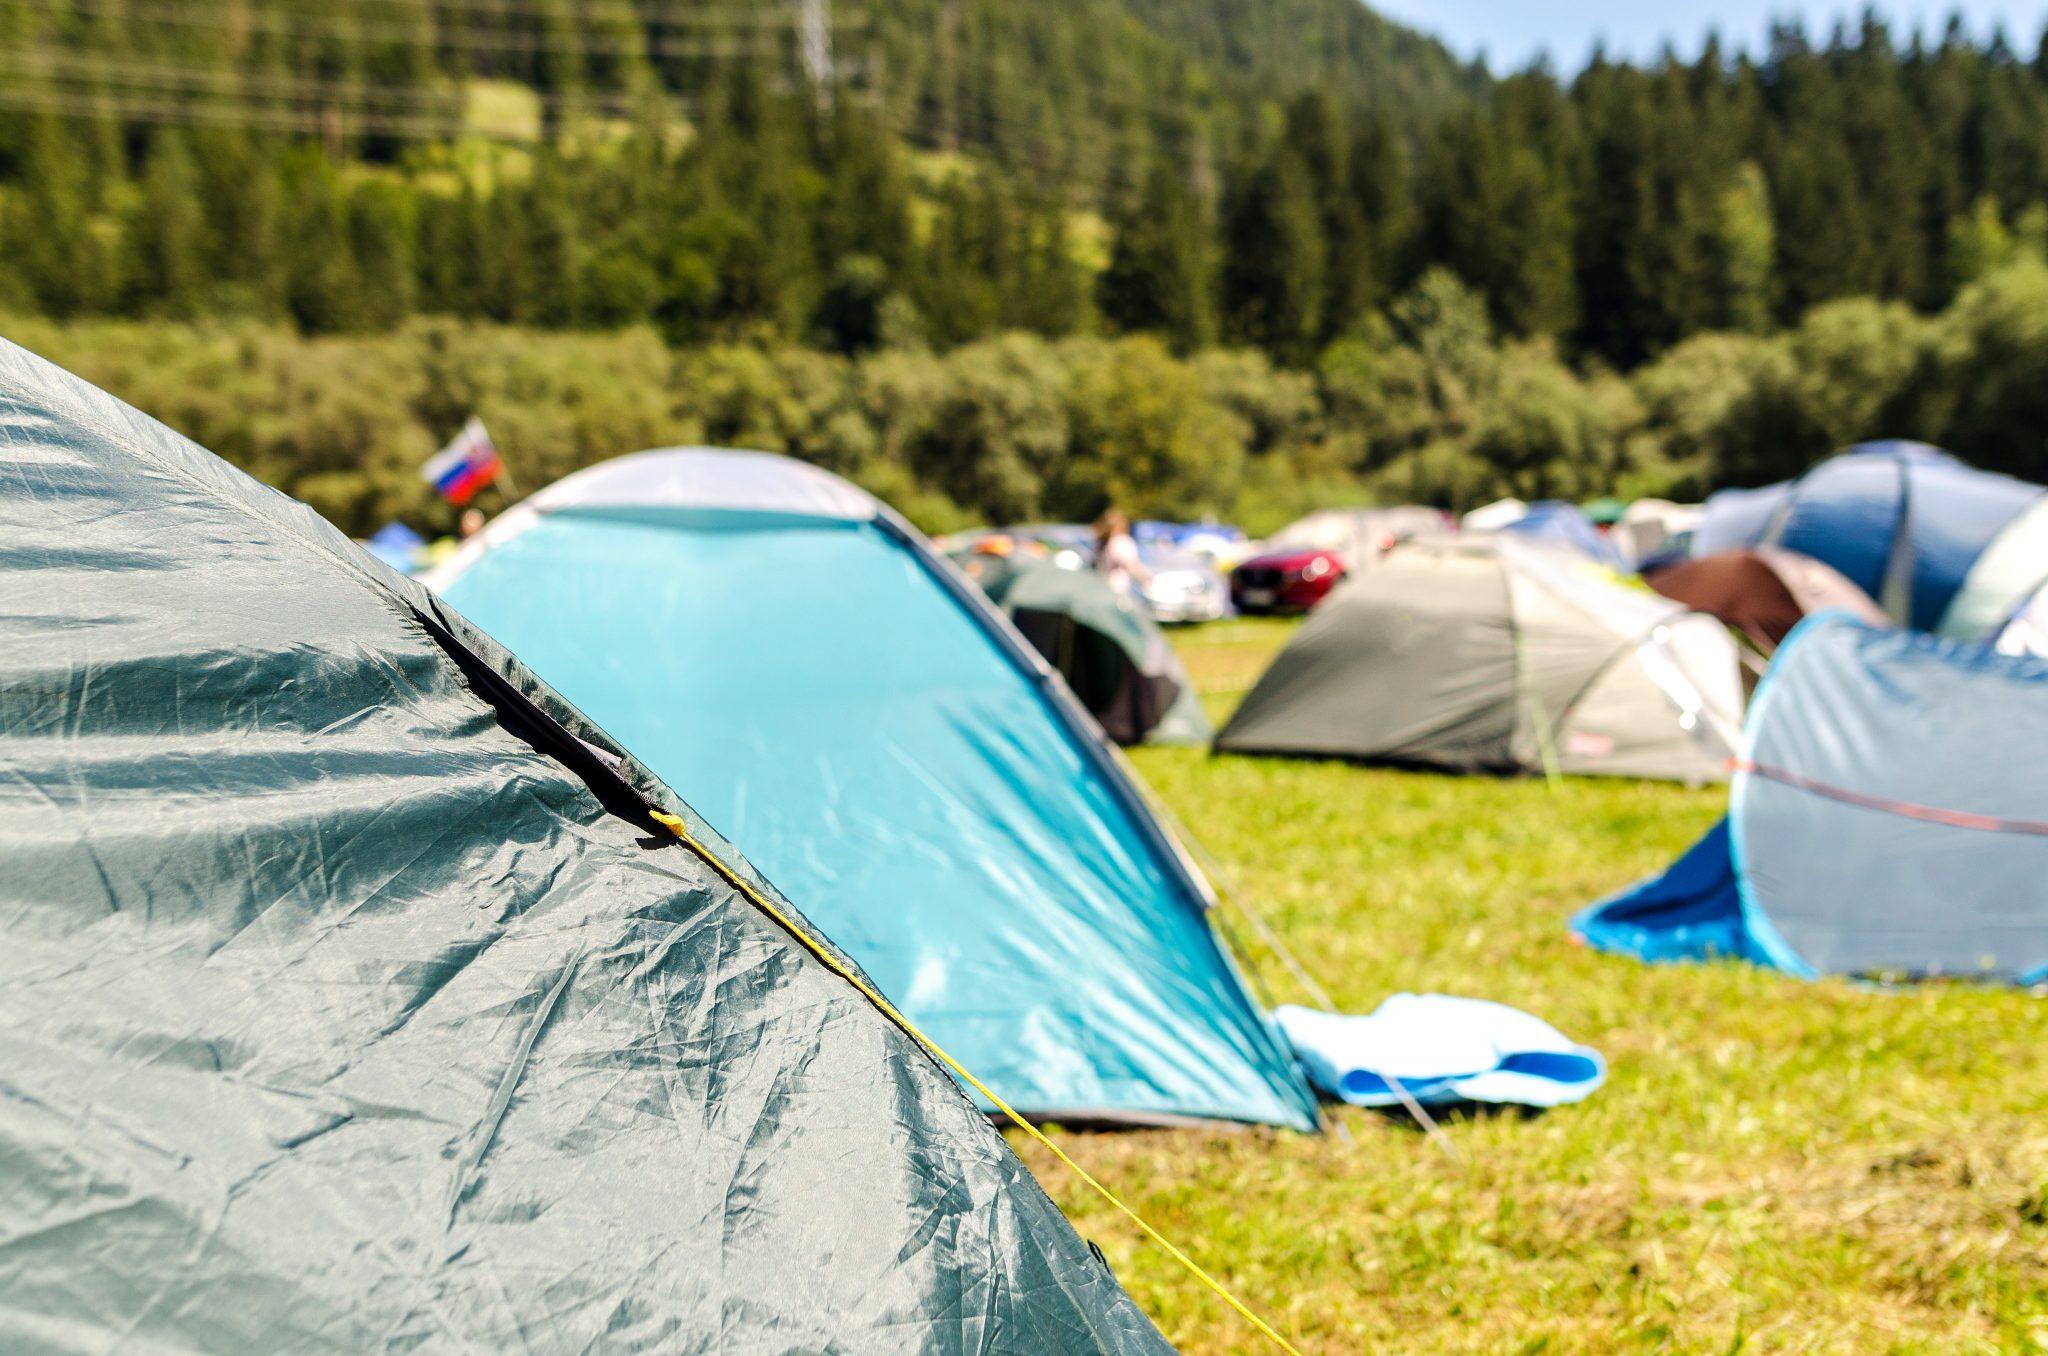 Zeltlager, Kinderfreizeit, Ferien, Zelte, Berge,